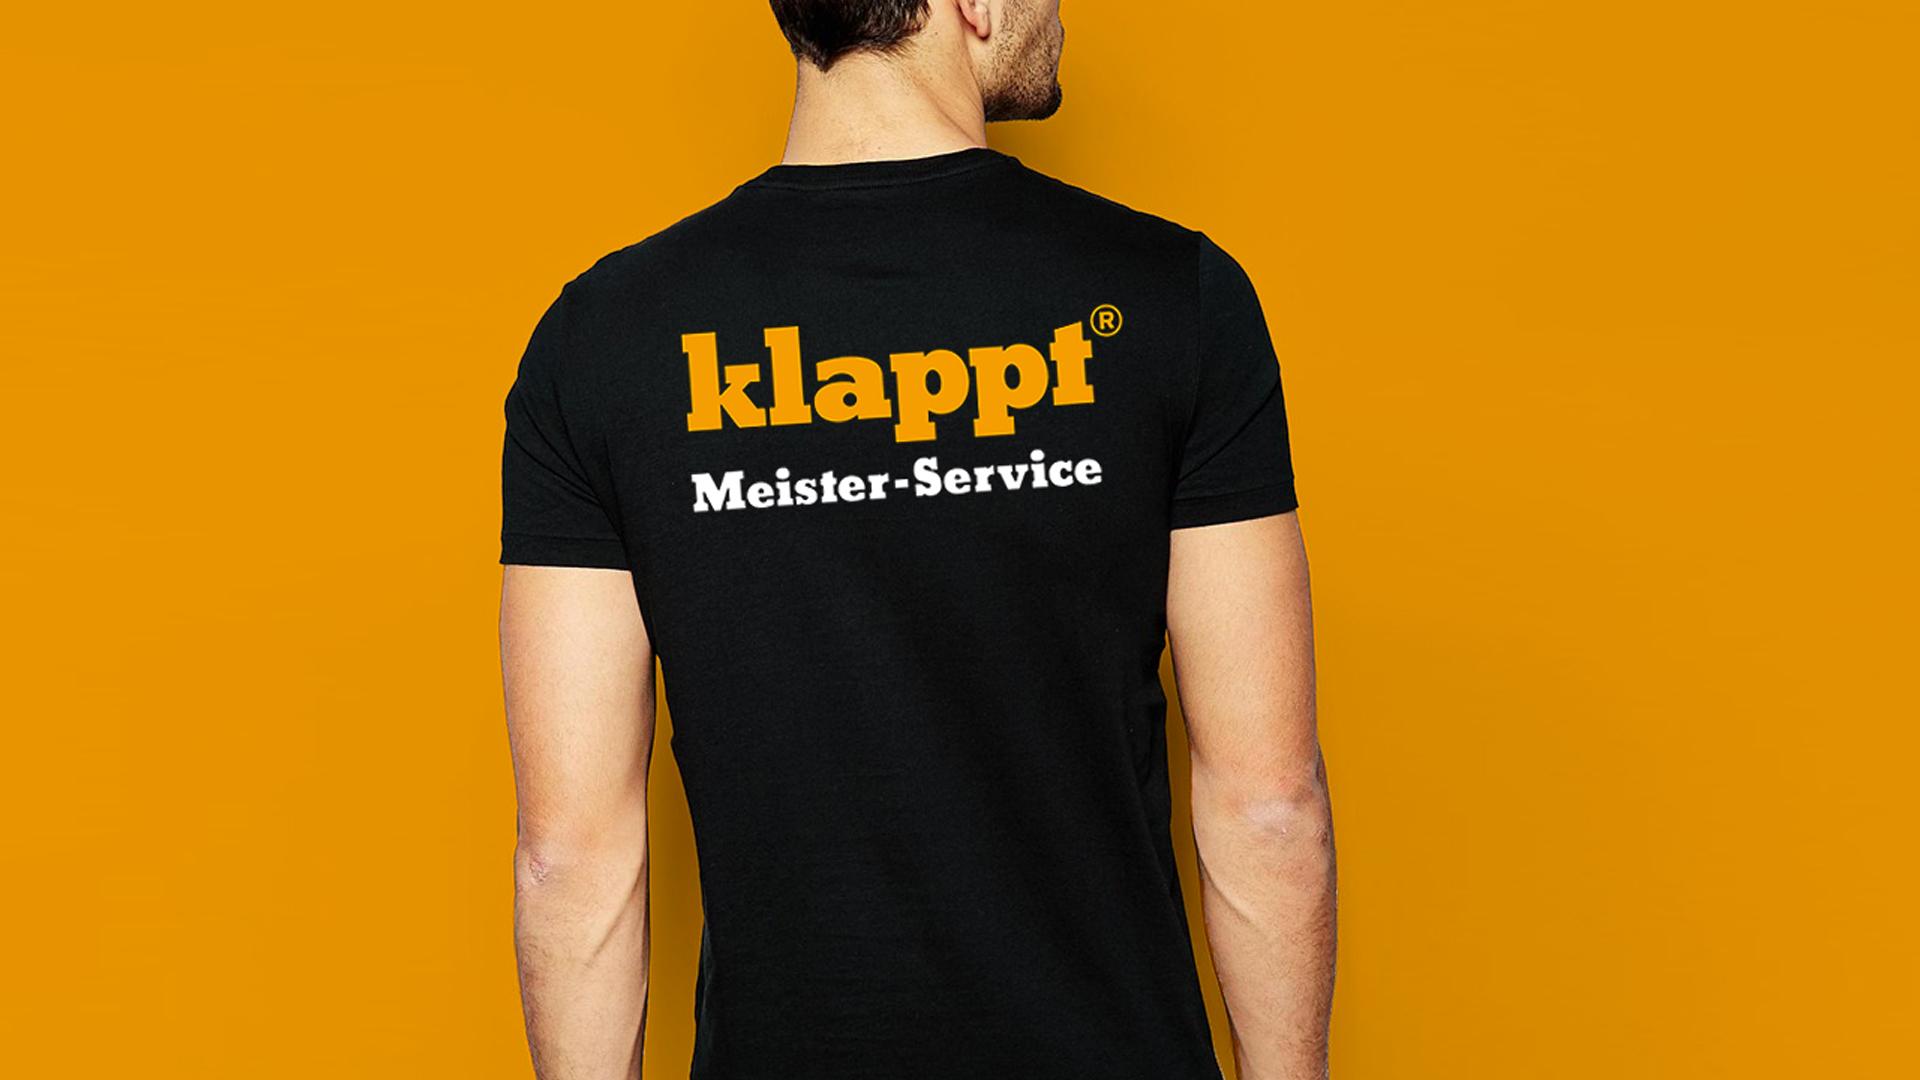 klappt_shirt